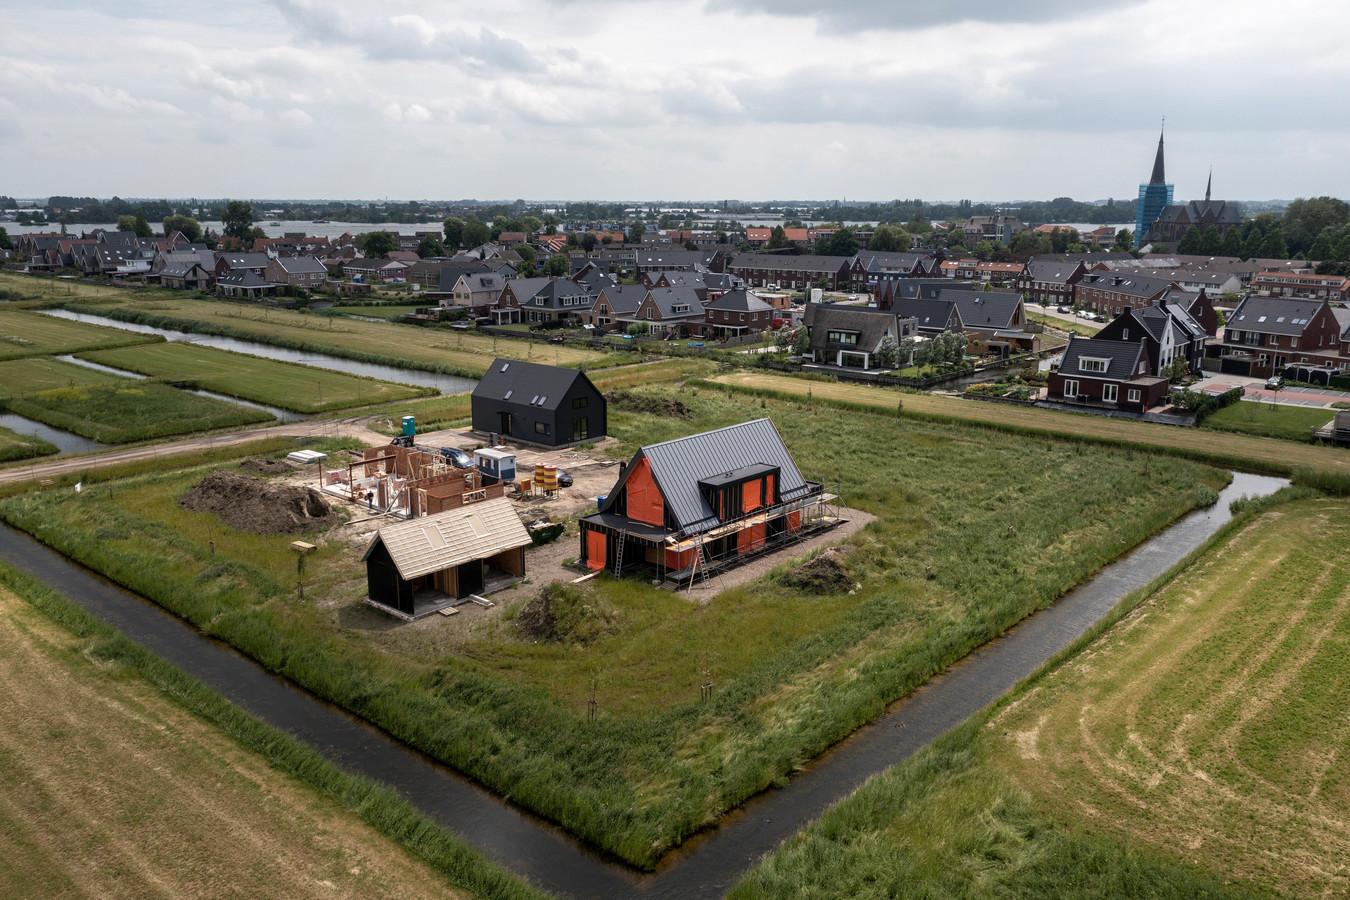 Nieuwkoop wil jaarlijks honderden woningen in de 14 dorpen bouwen. Maar dat moeten vooral ook andersoortige huizen zijn dan duurdere eengezinswoningen en villa's, zoals op de foto aan de rand van Langeraar.